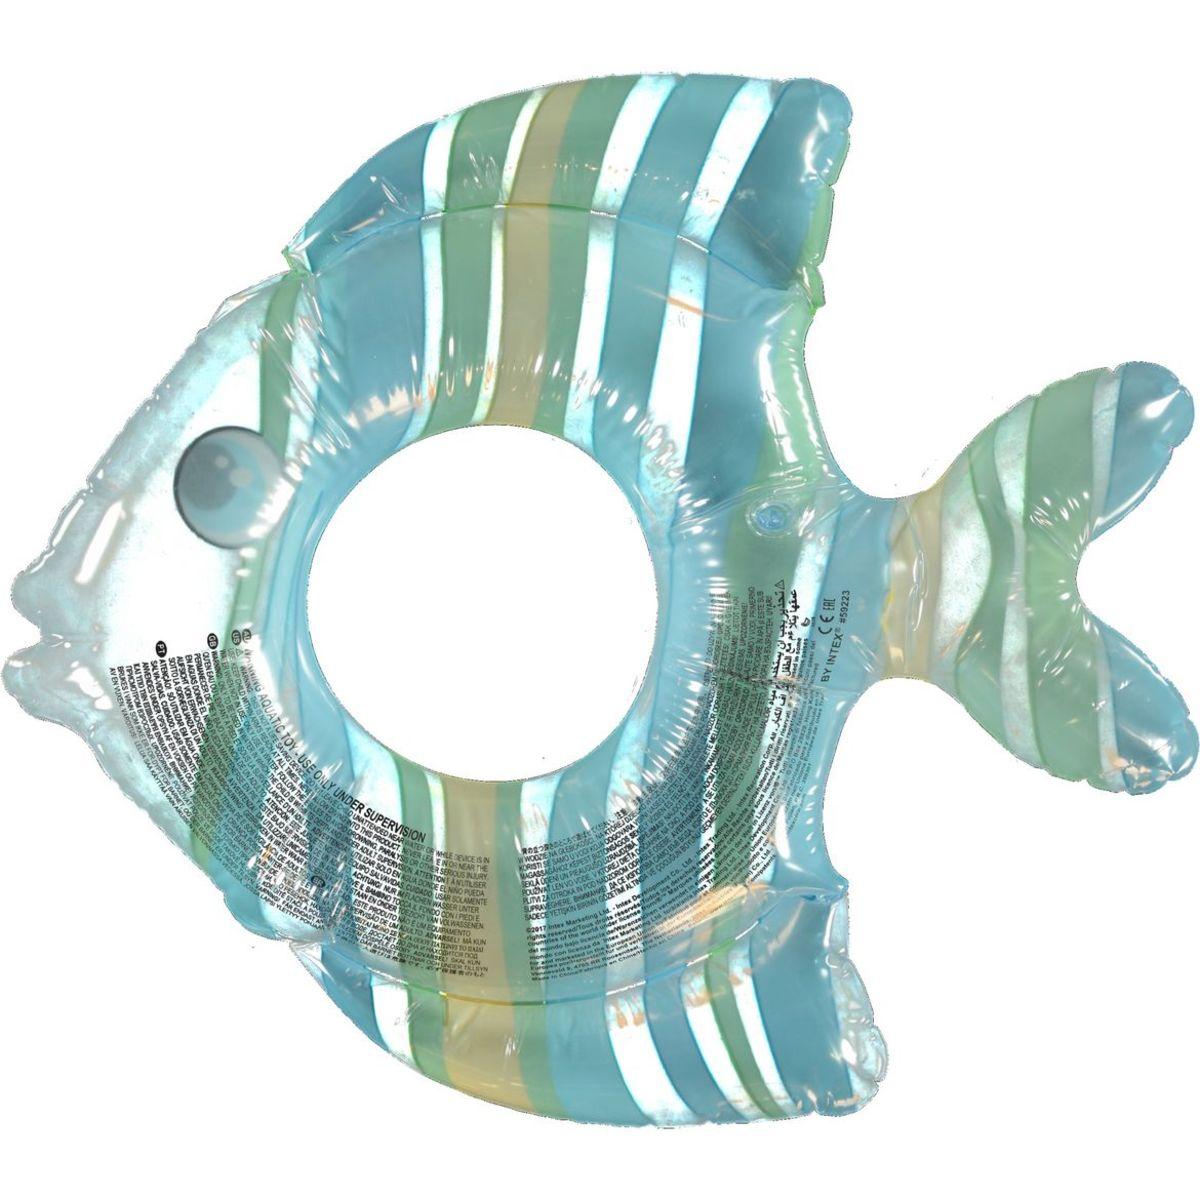 Bild 2 von Schwimmring in Fischform